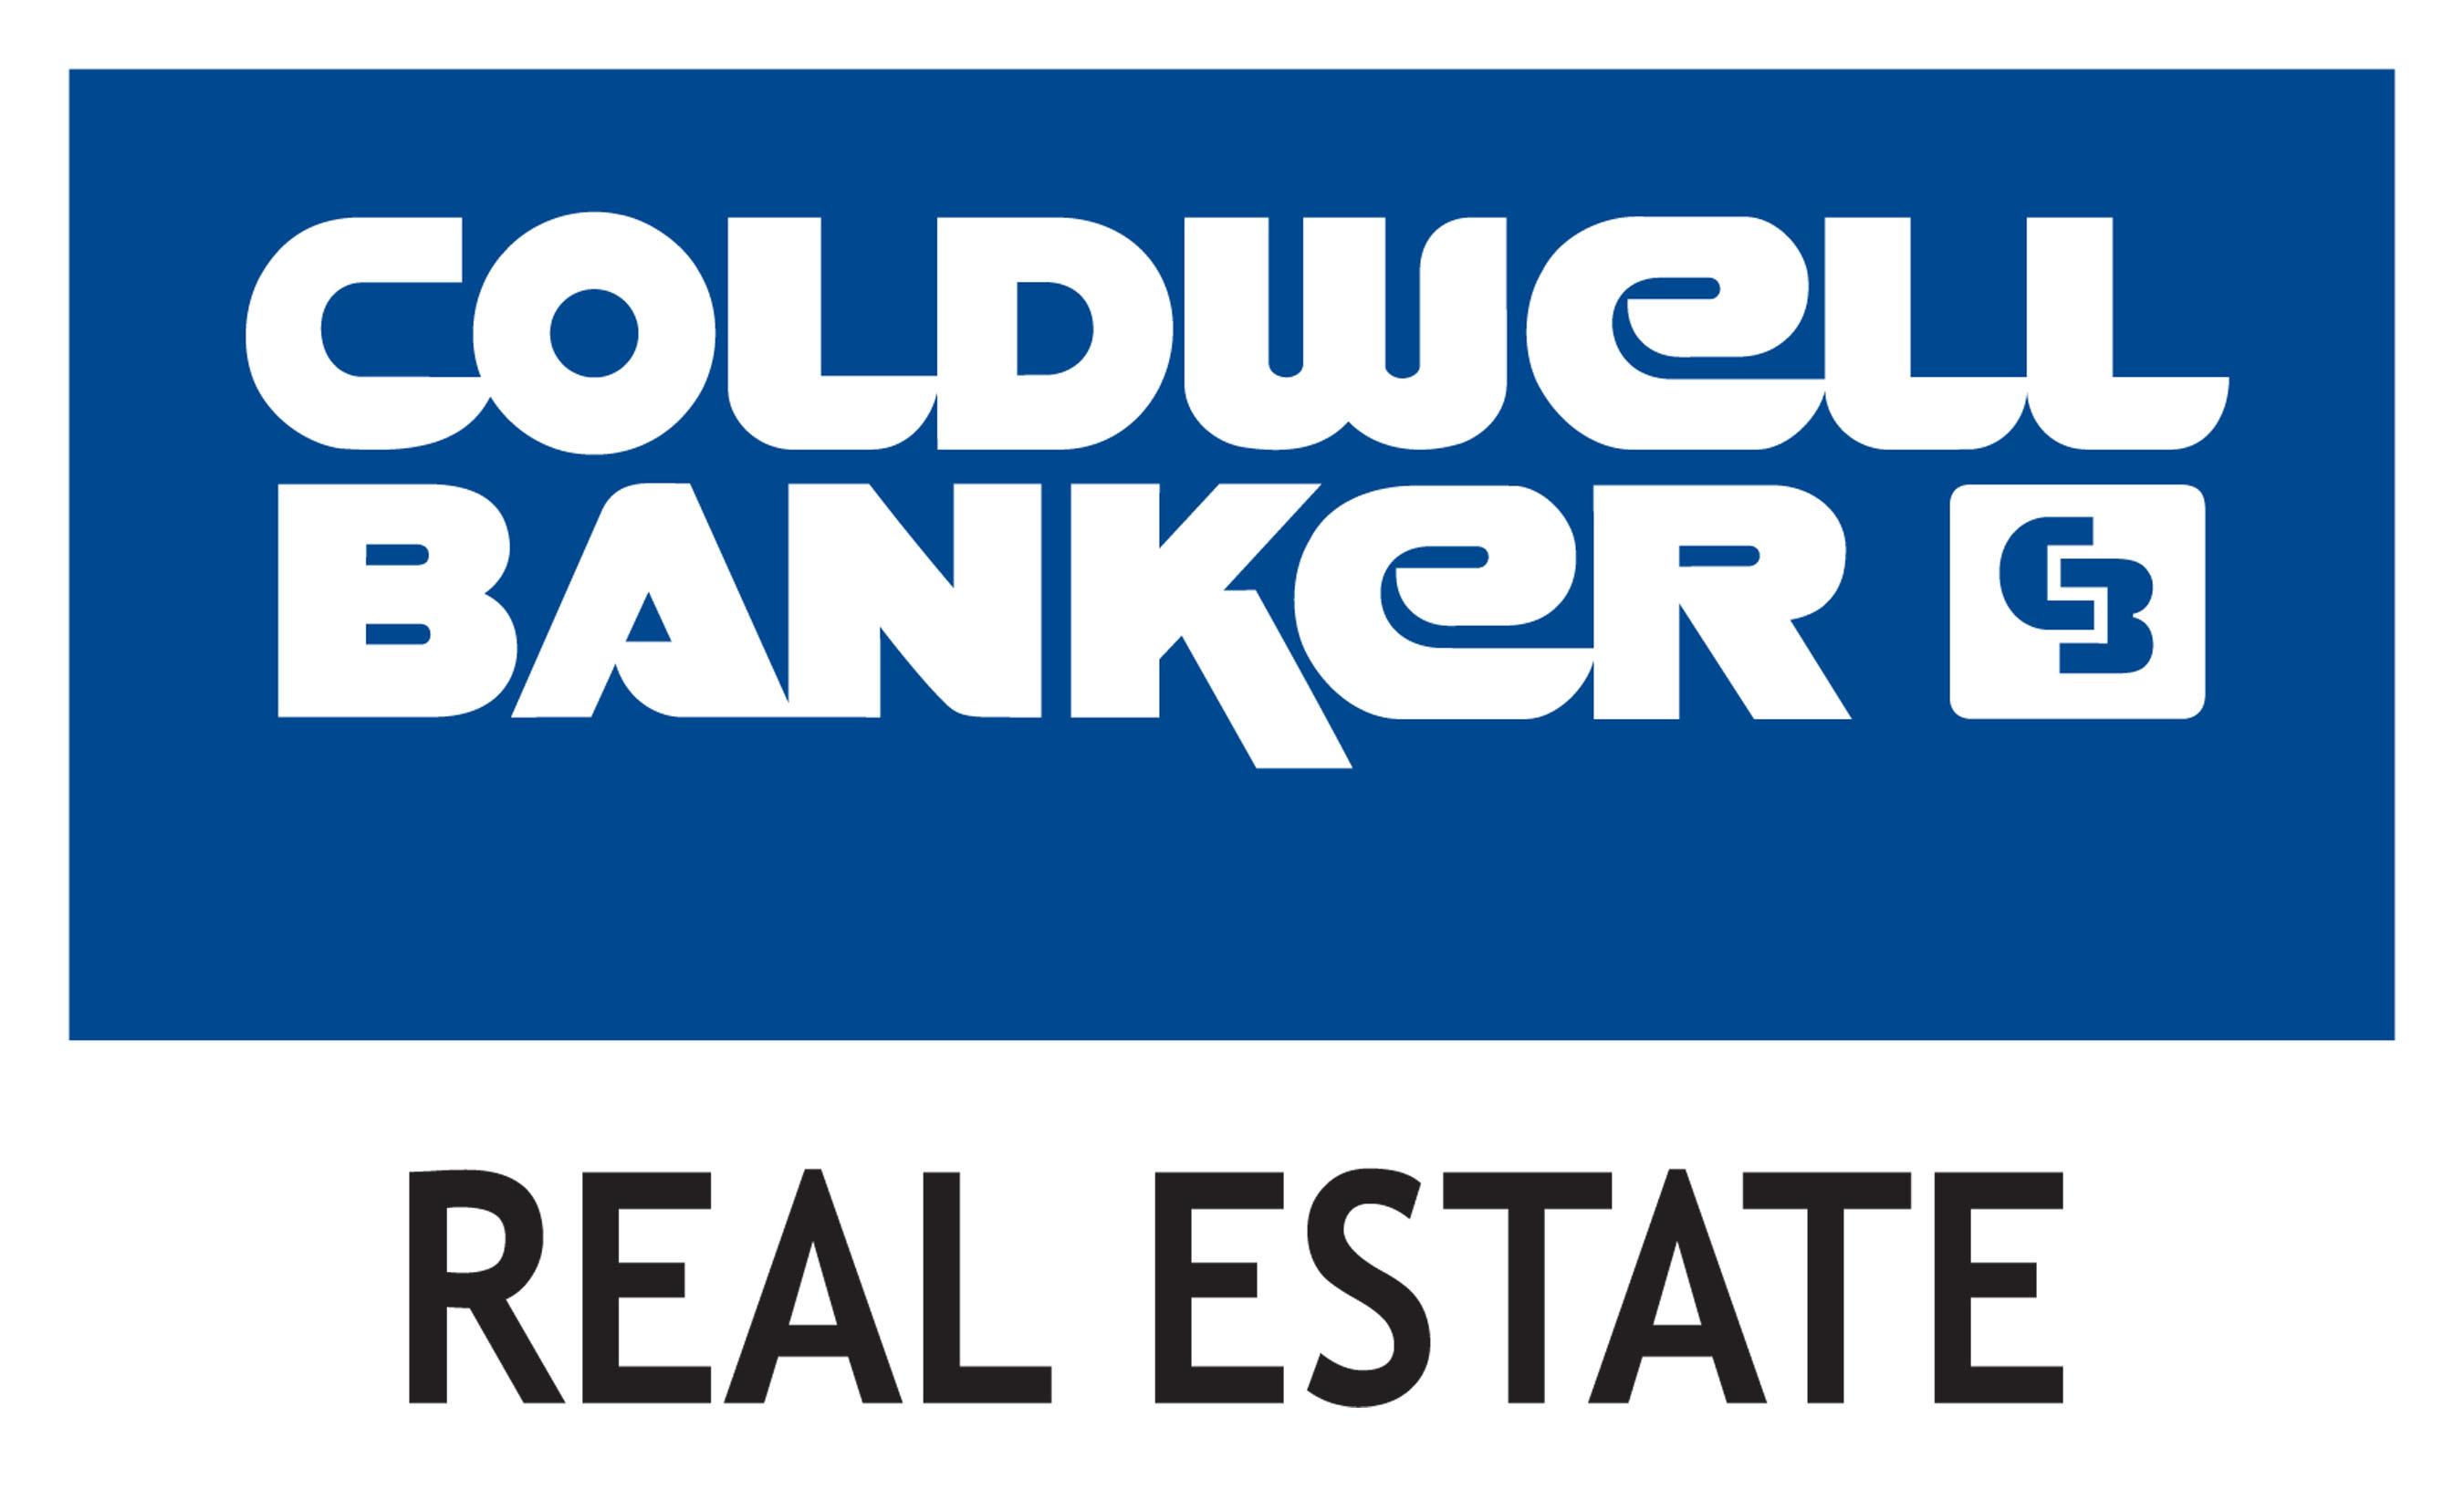 Coldwell Banker Real Estate LLC logo. (PRNewsFoto/Coldwell Banker Real Estate LLC)